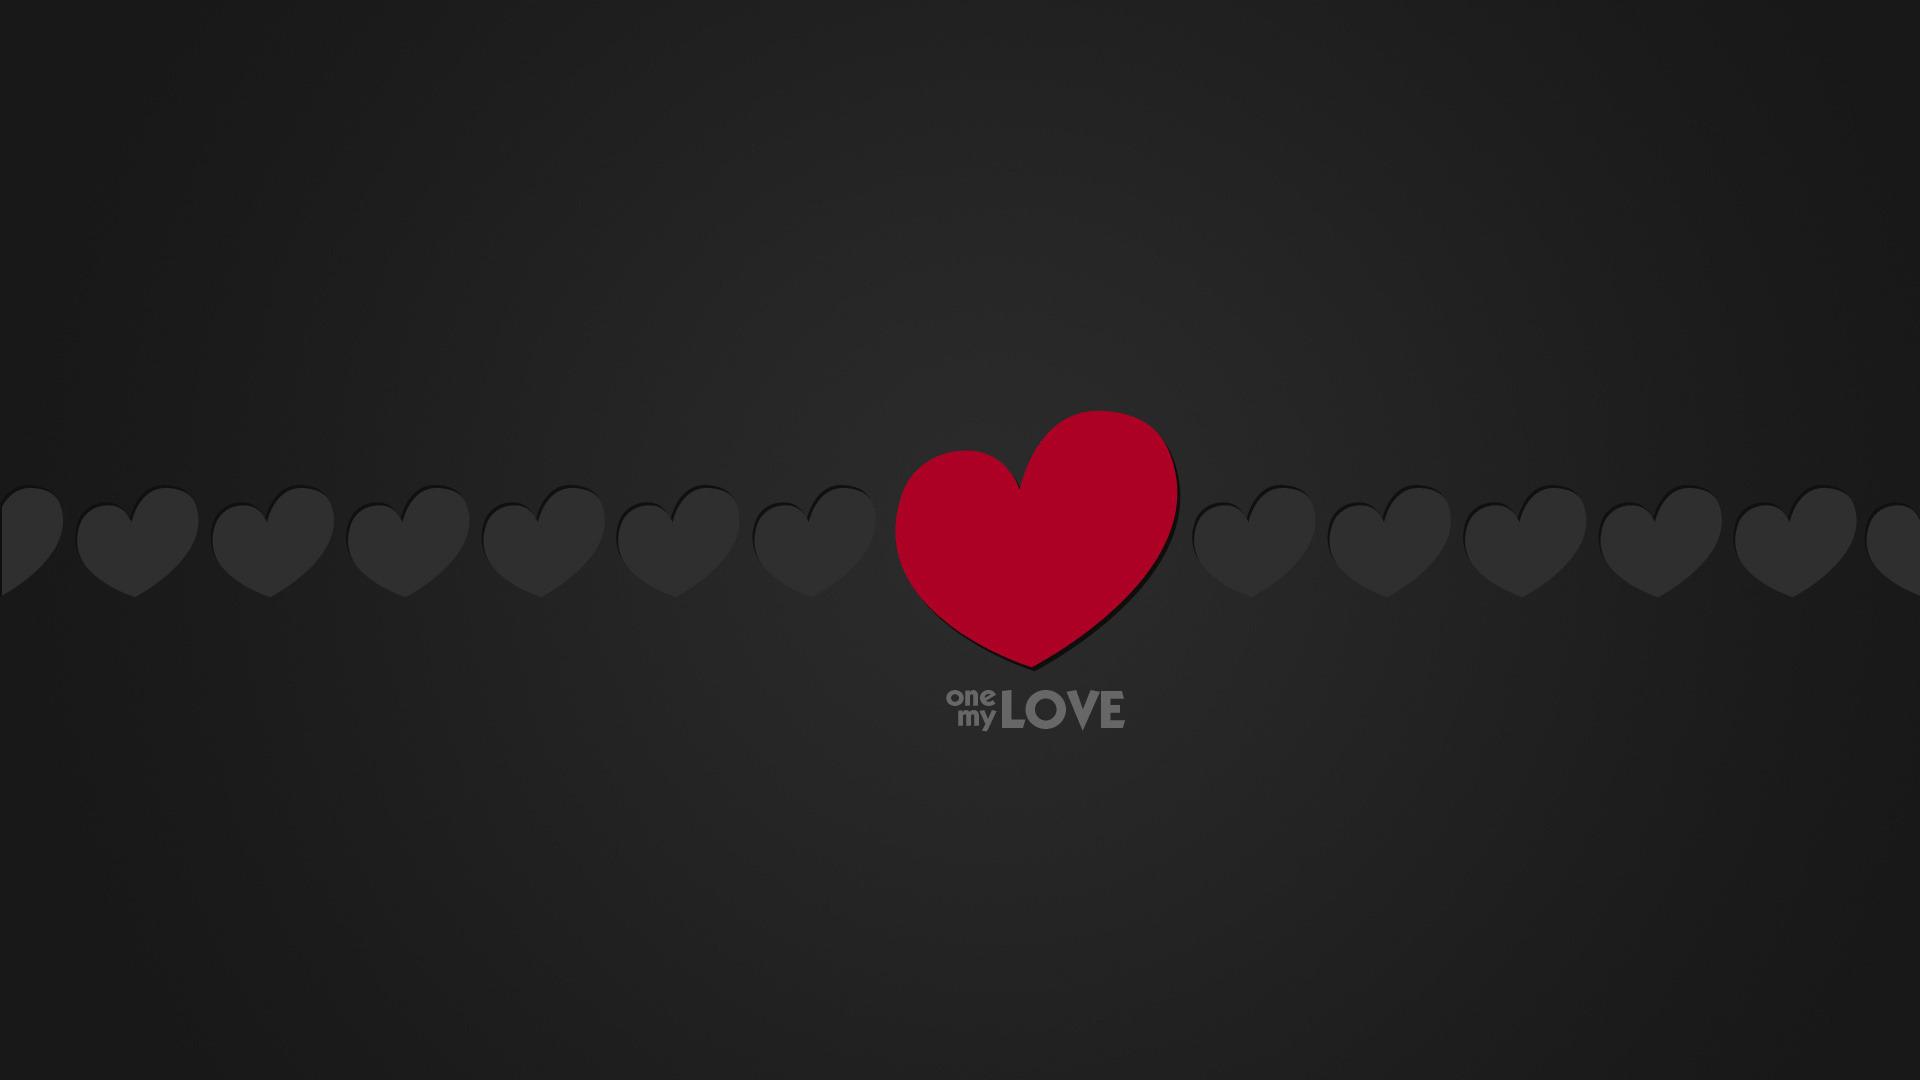 Прикольные картинки с надписями о любви на черном фоне